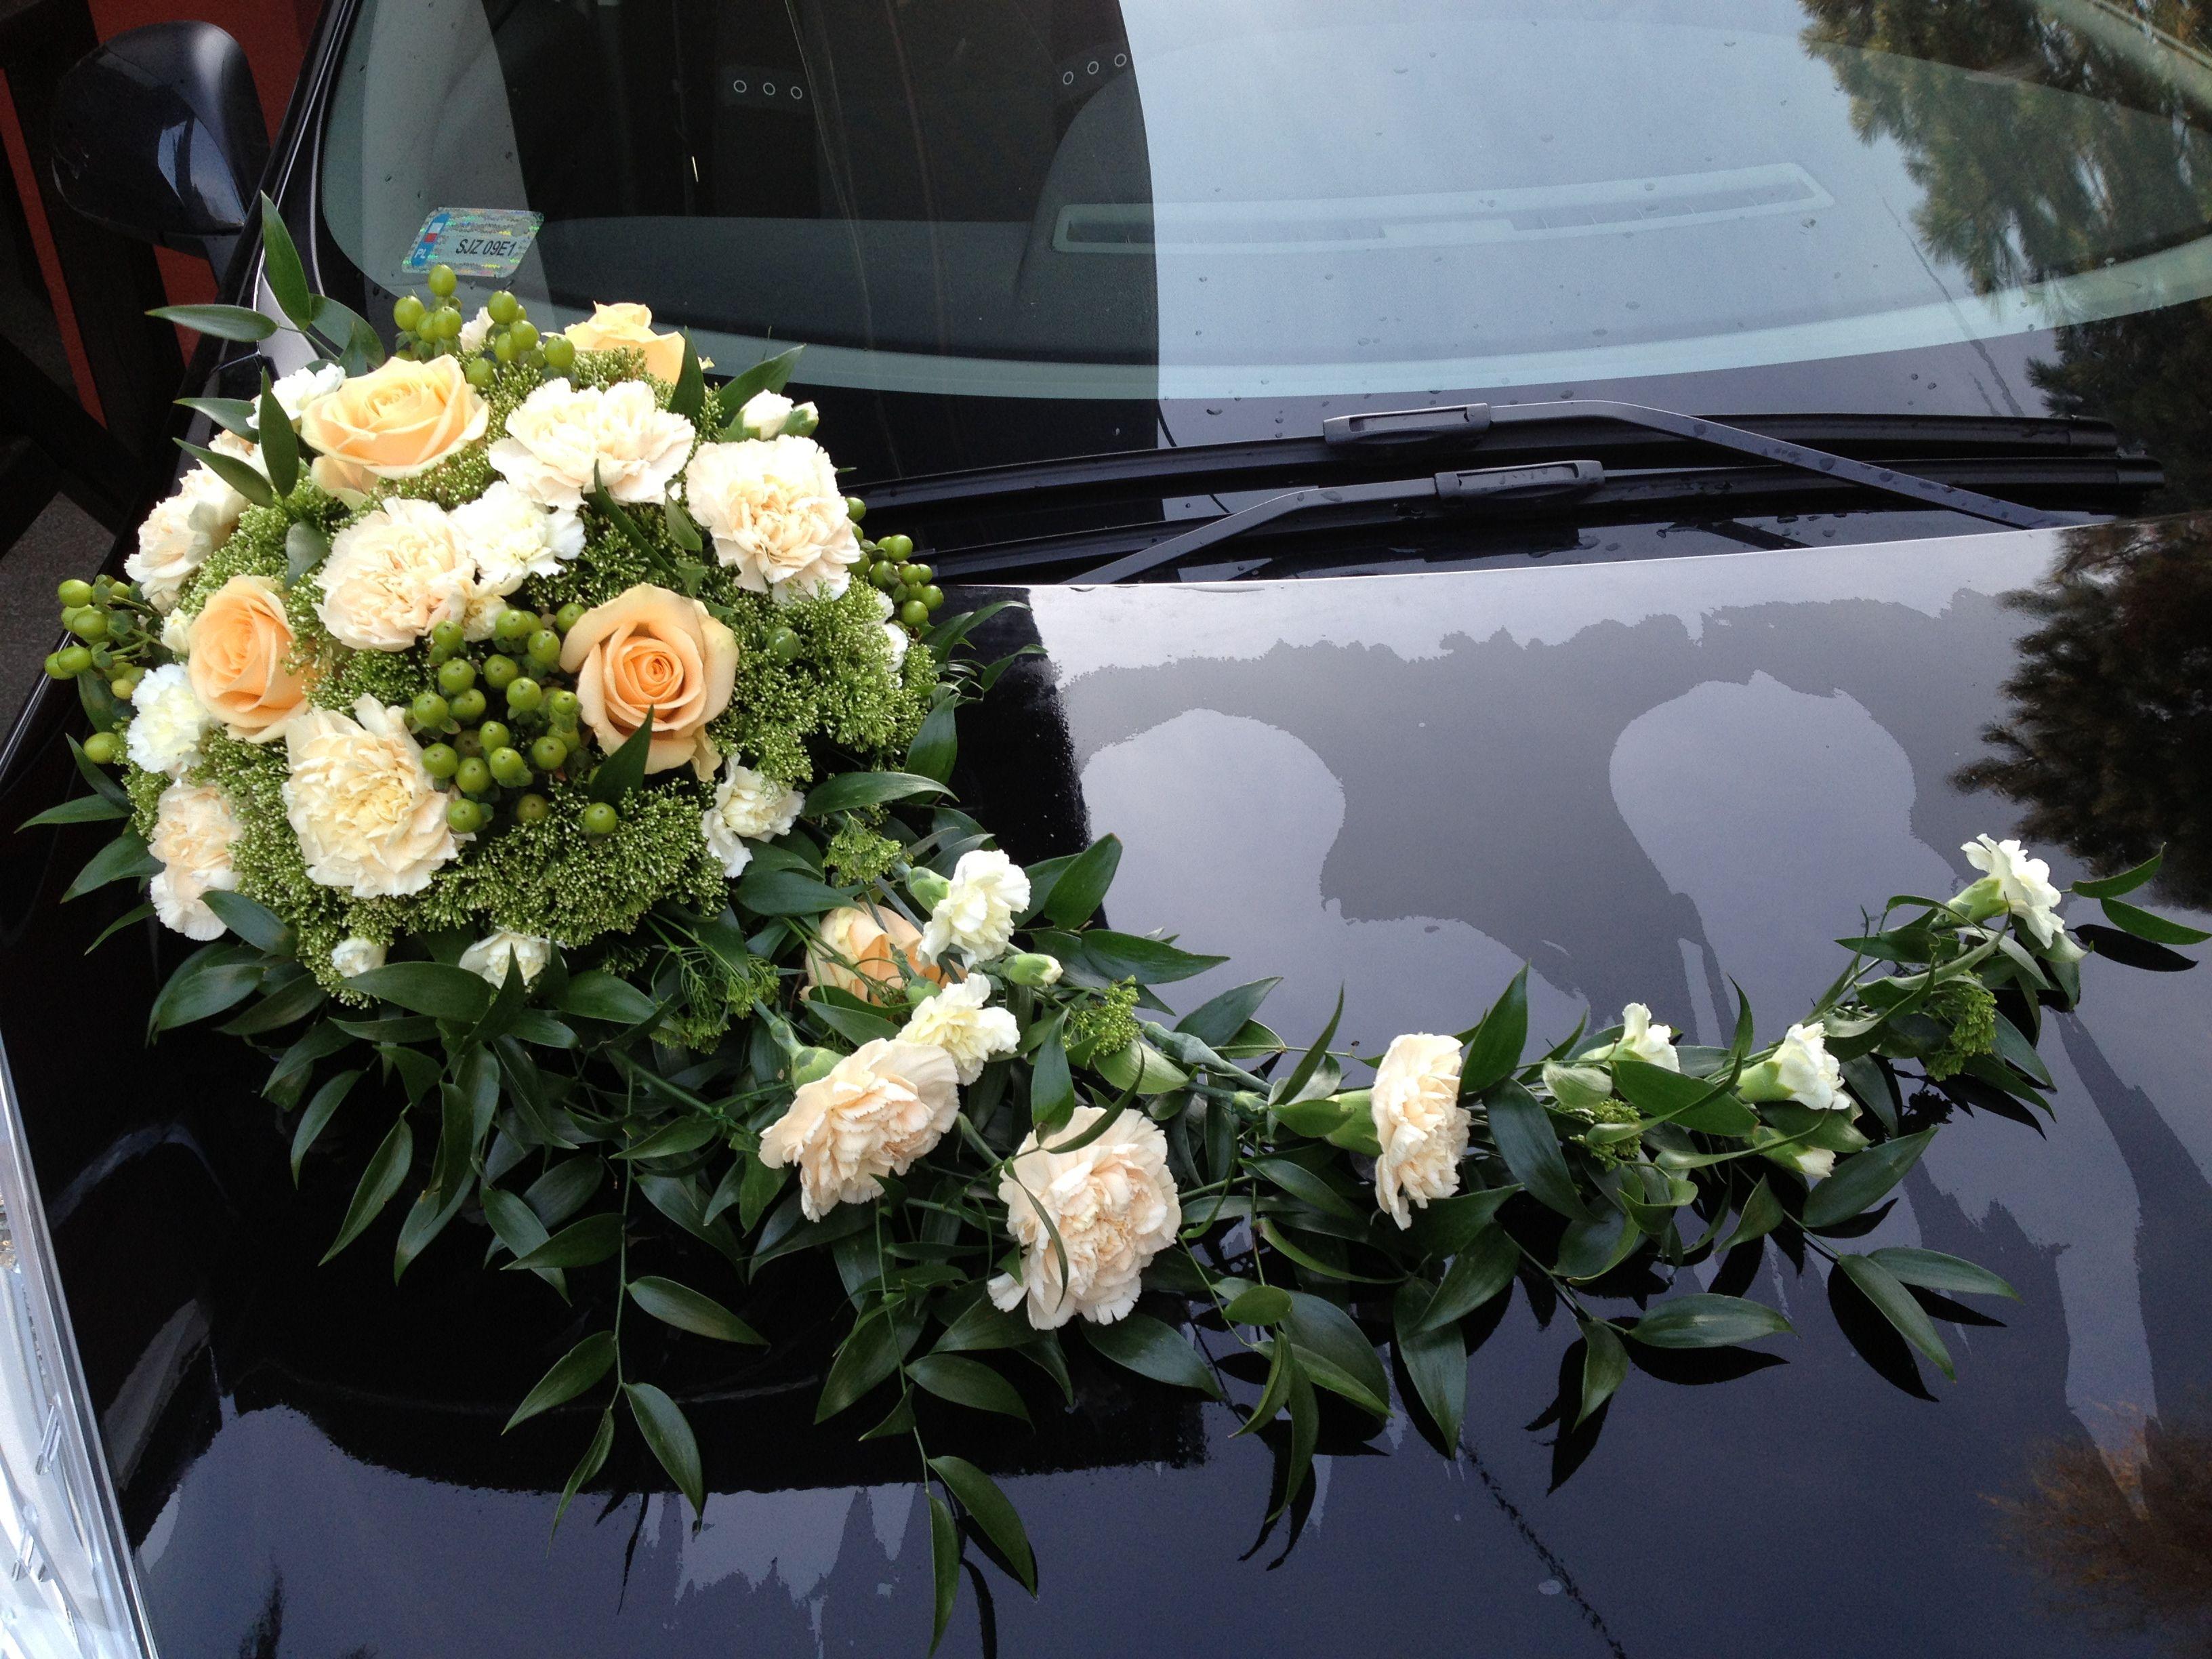 Design of bridal car - Wedding Car Decoration